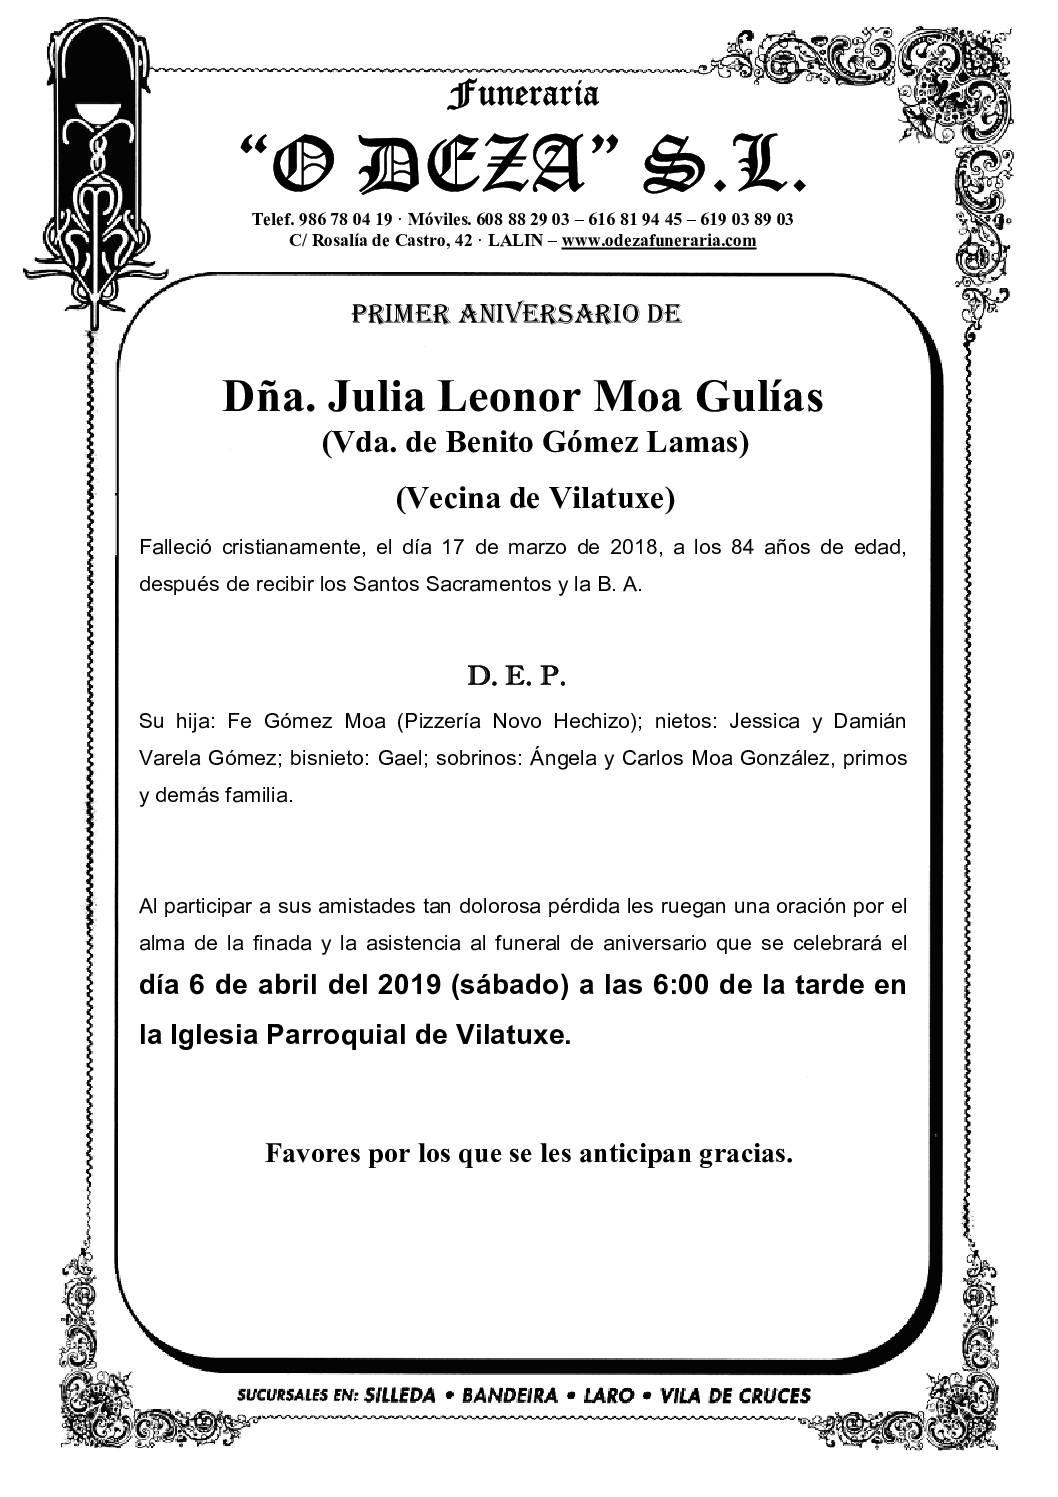 DÑA. JULIA LEONOR MOA GULÍAS